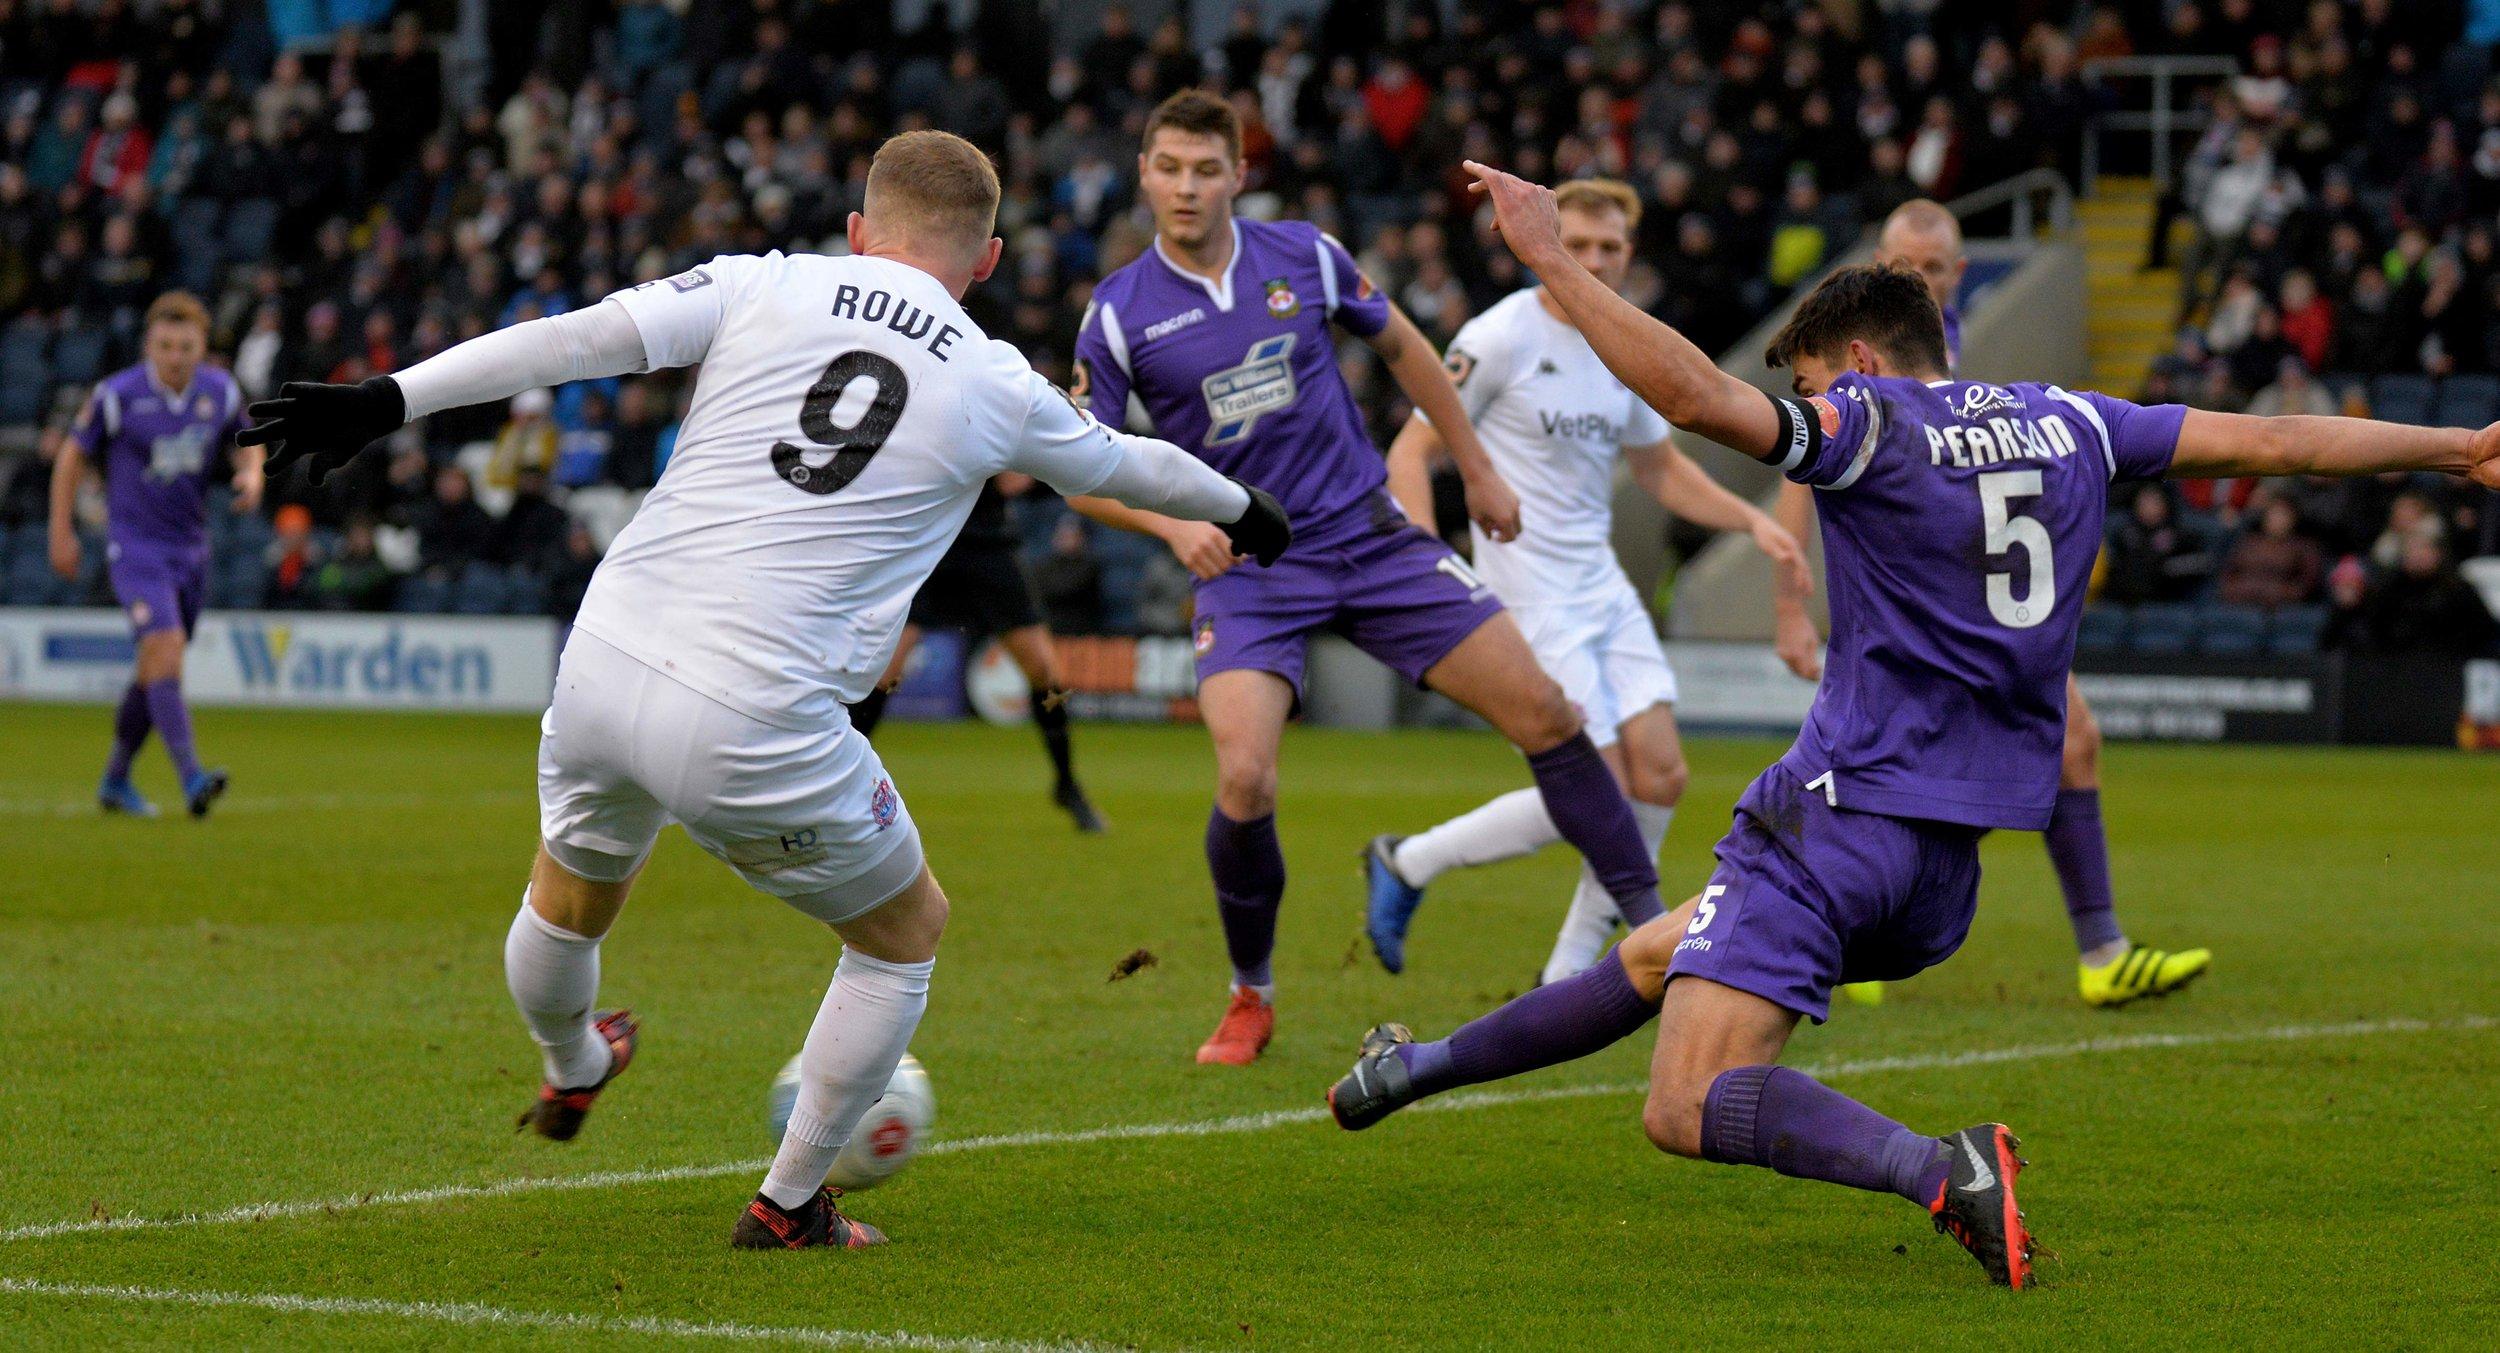 AFC-Fylde-v-Wrexham-19.jpg